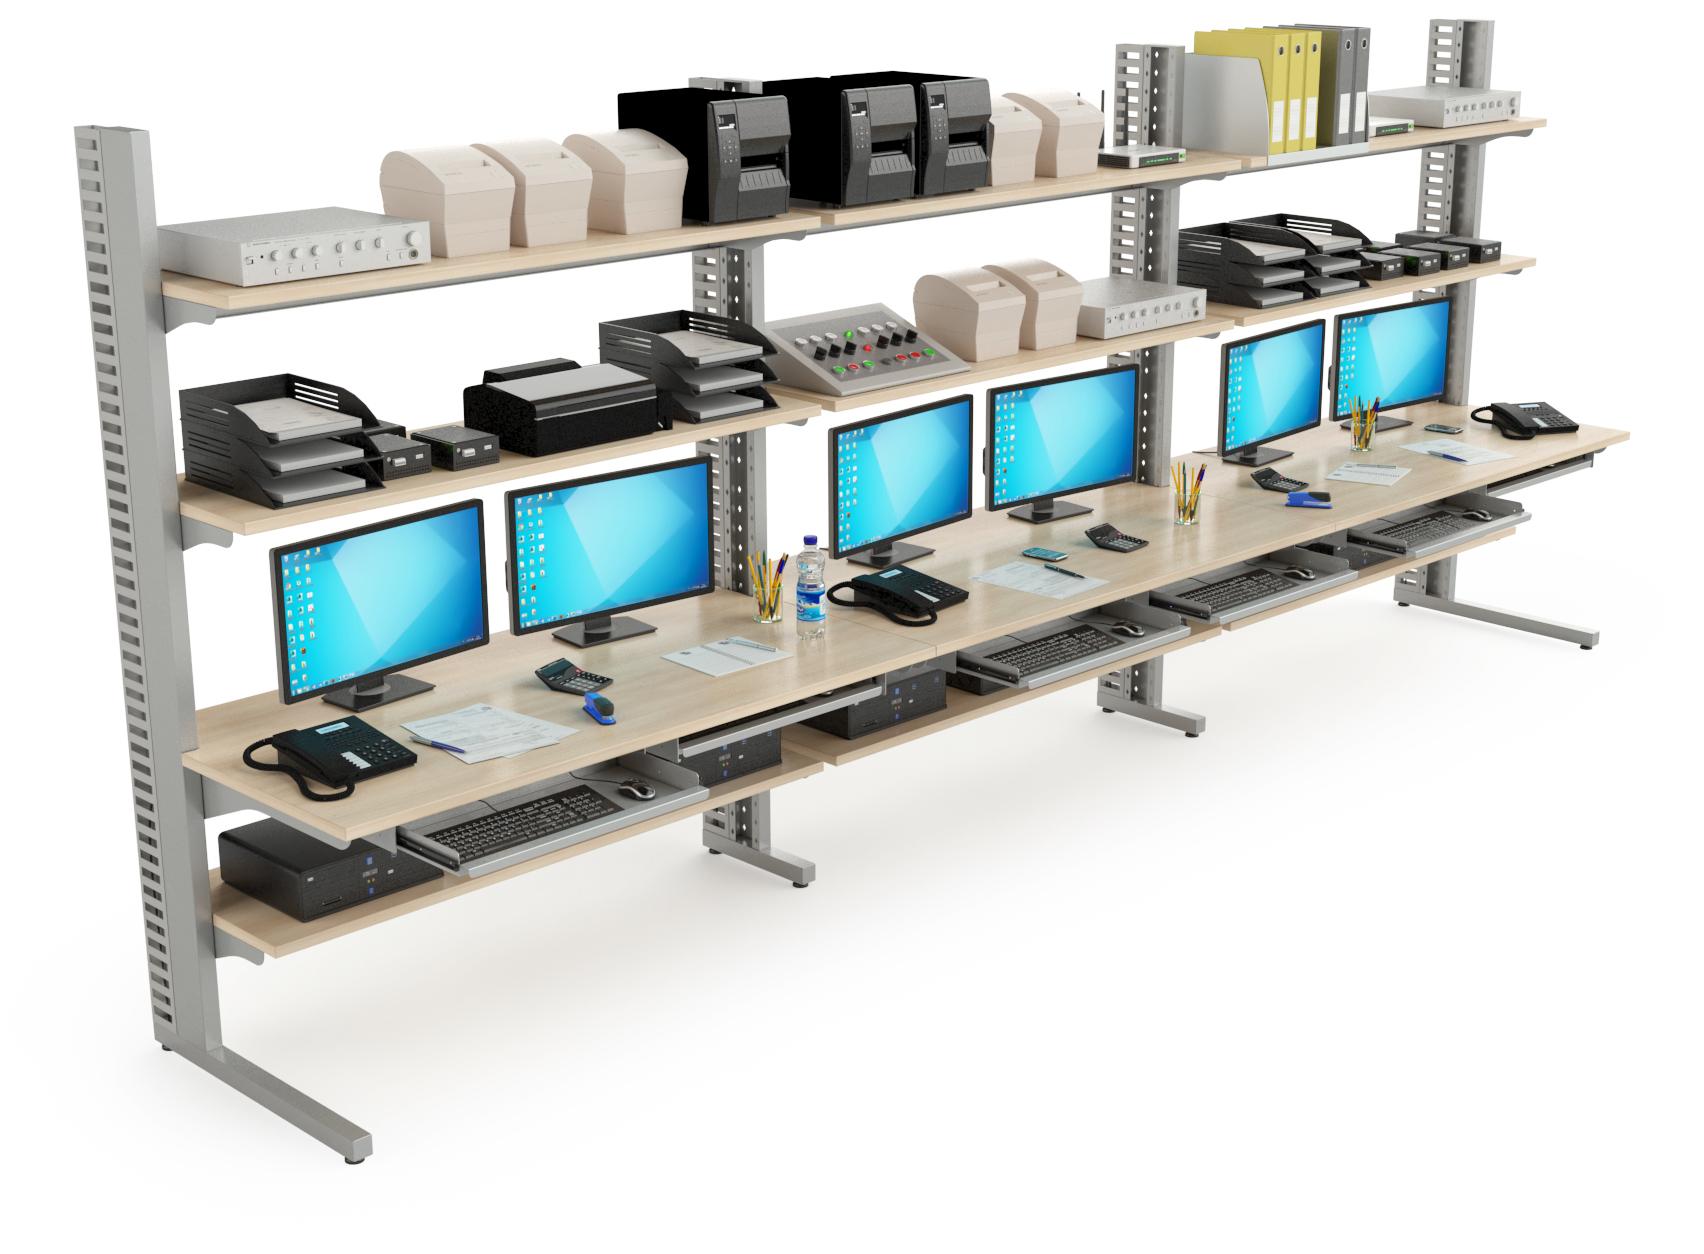 Mobilier technique : Stations informatiques mises en série